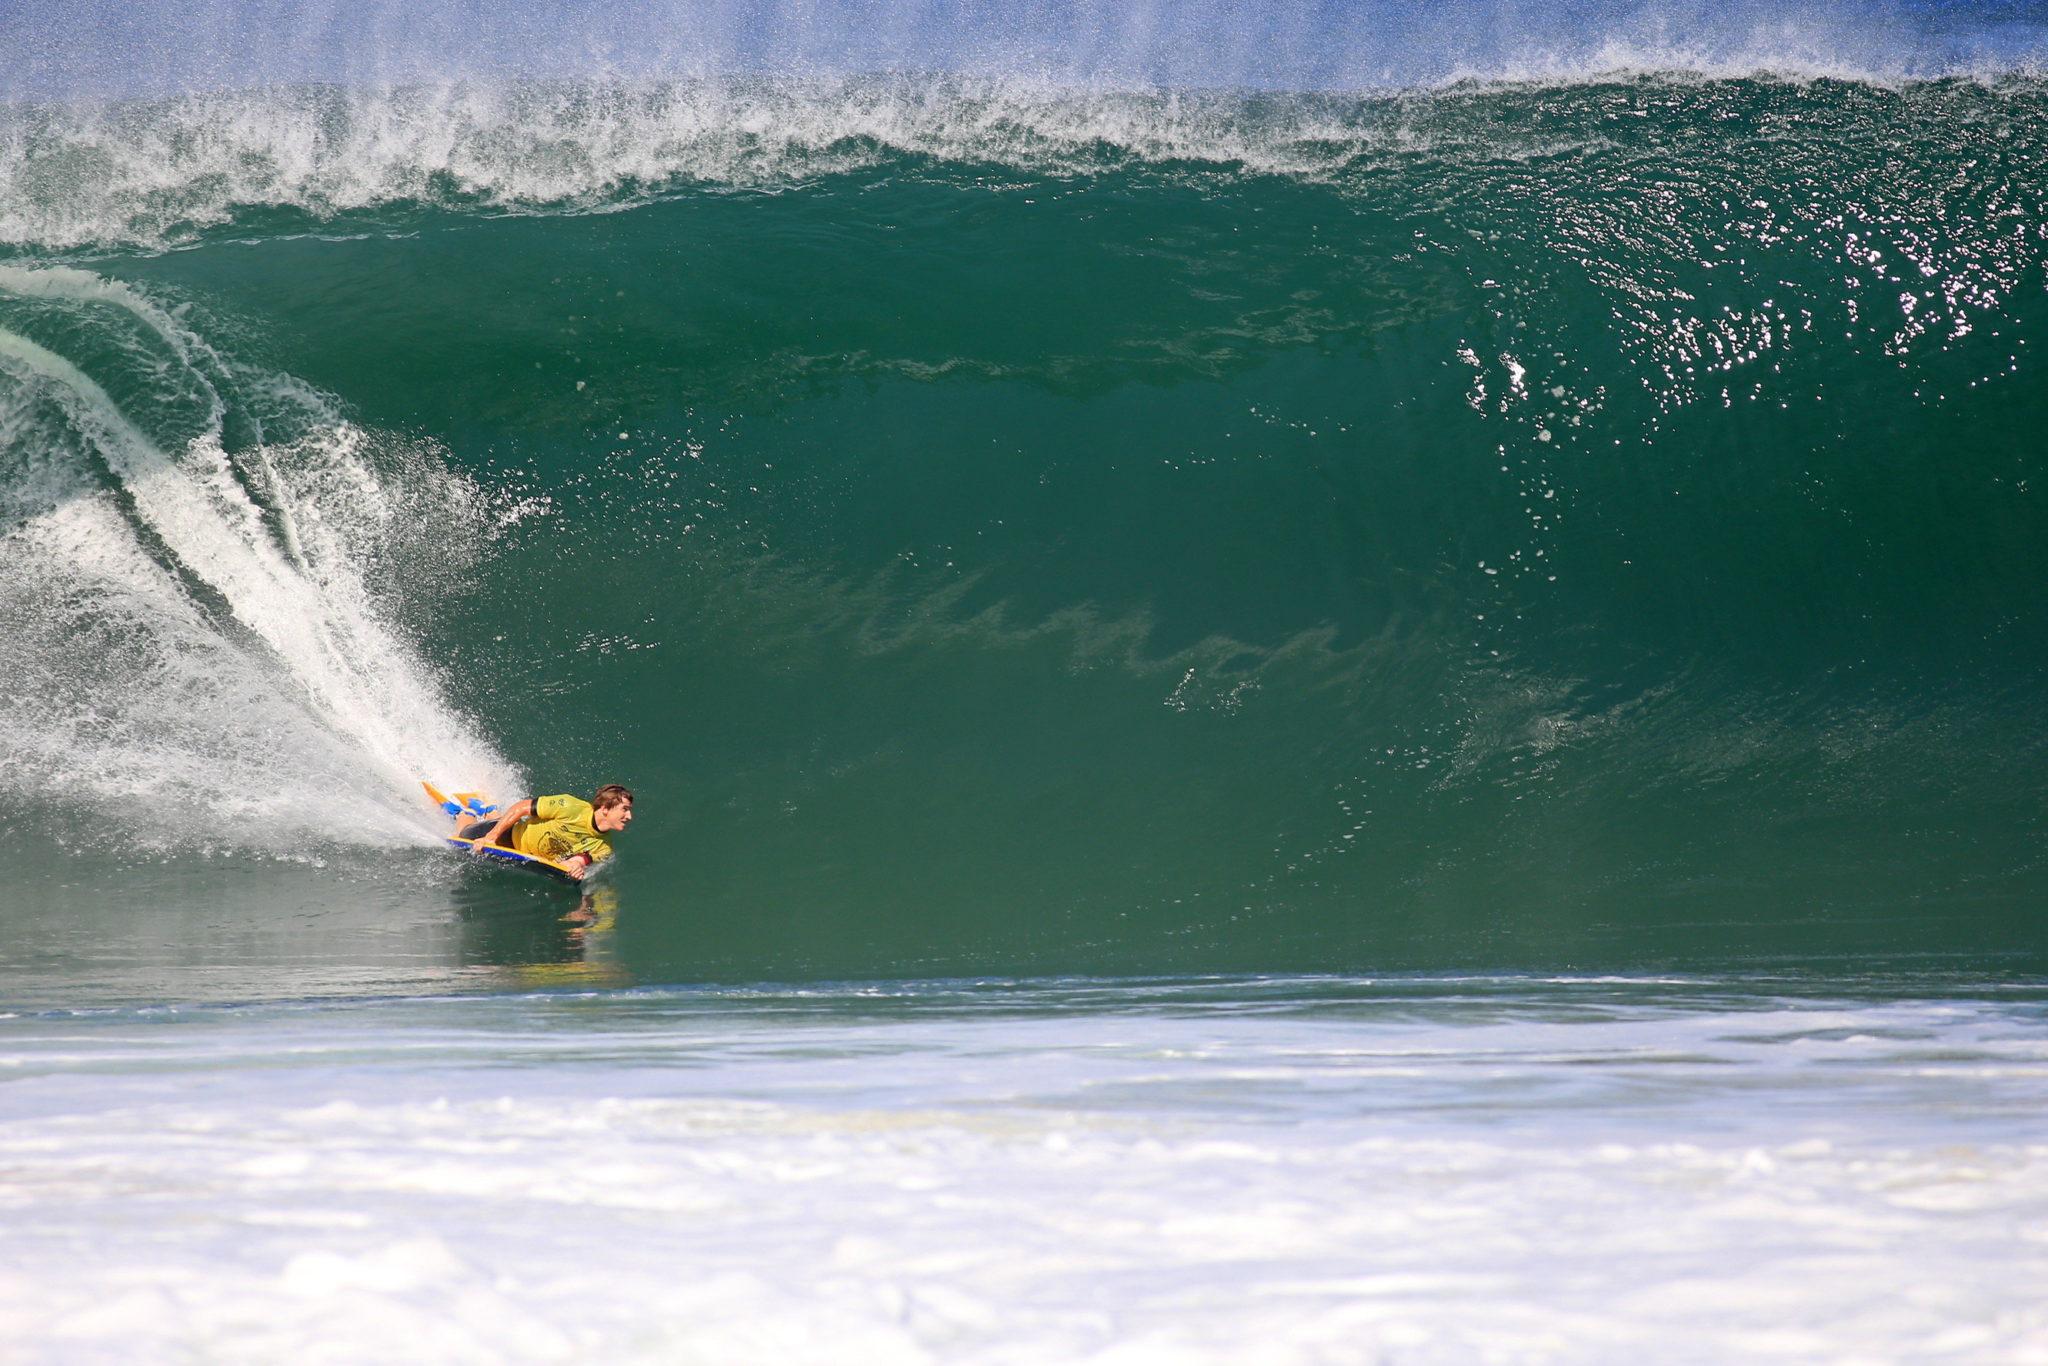 O sul-africano Iain Campbell é o atual campeão do Itacoatiara Pro - Foto: Tony D´Andrea/Itacoatiara Pro